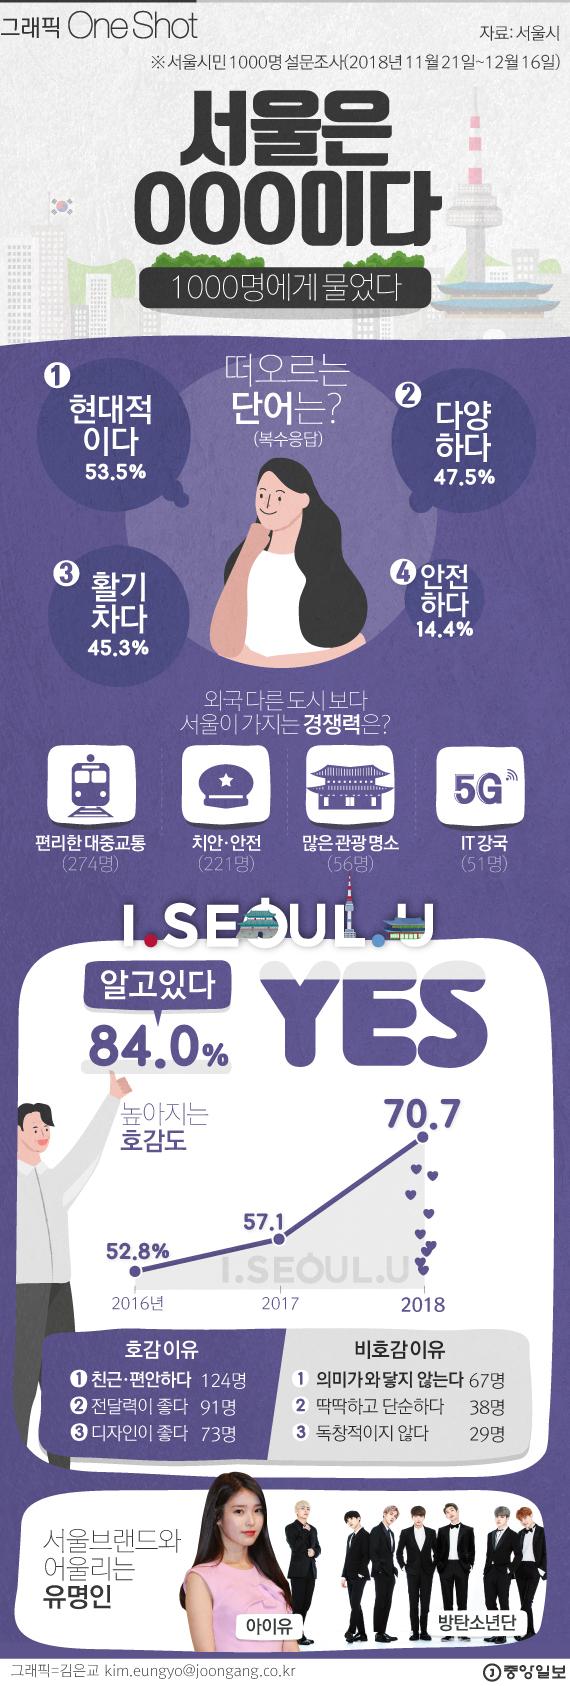 서울은...현대적이고 다양하며 안전한 도시다